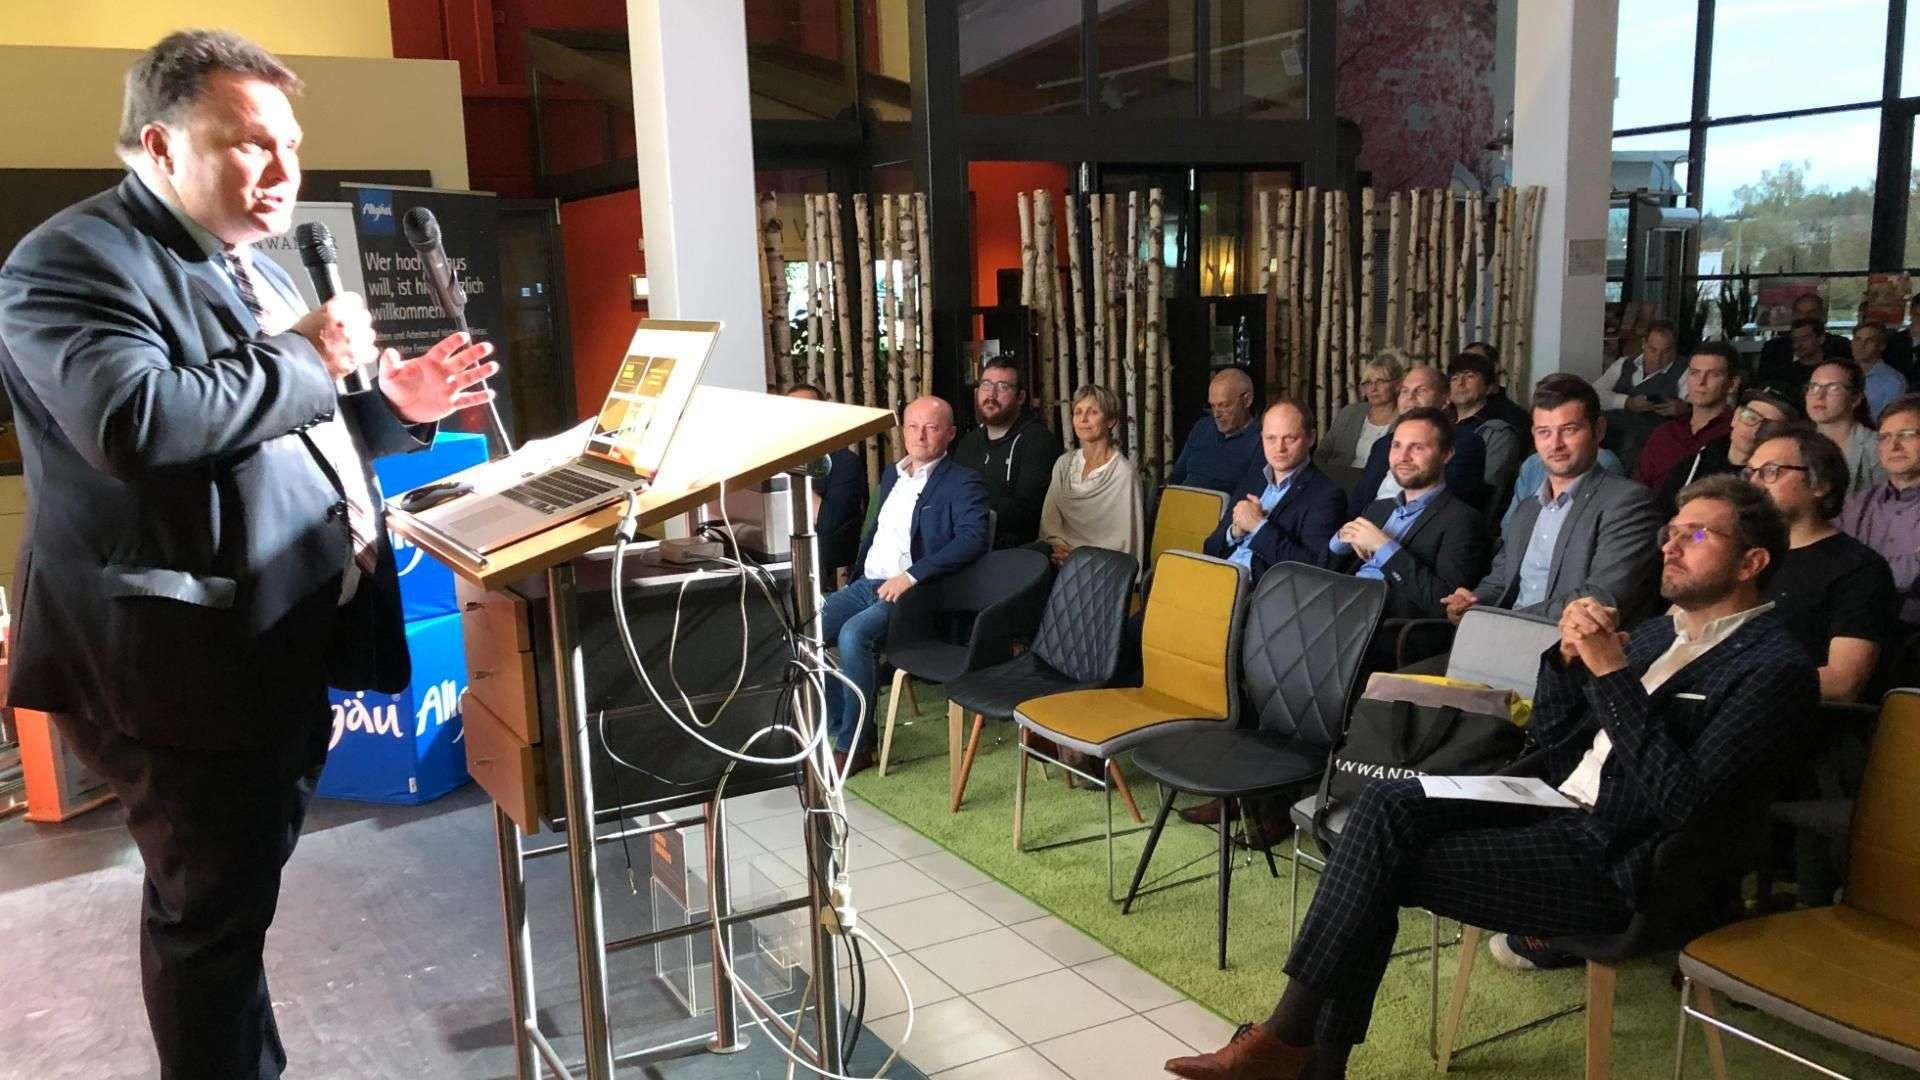 Vortrag beim Unternehmerabend bei Linara in Kaufbeuren